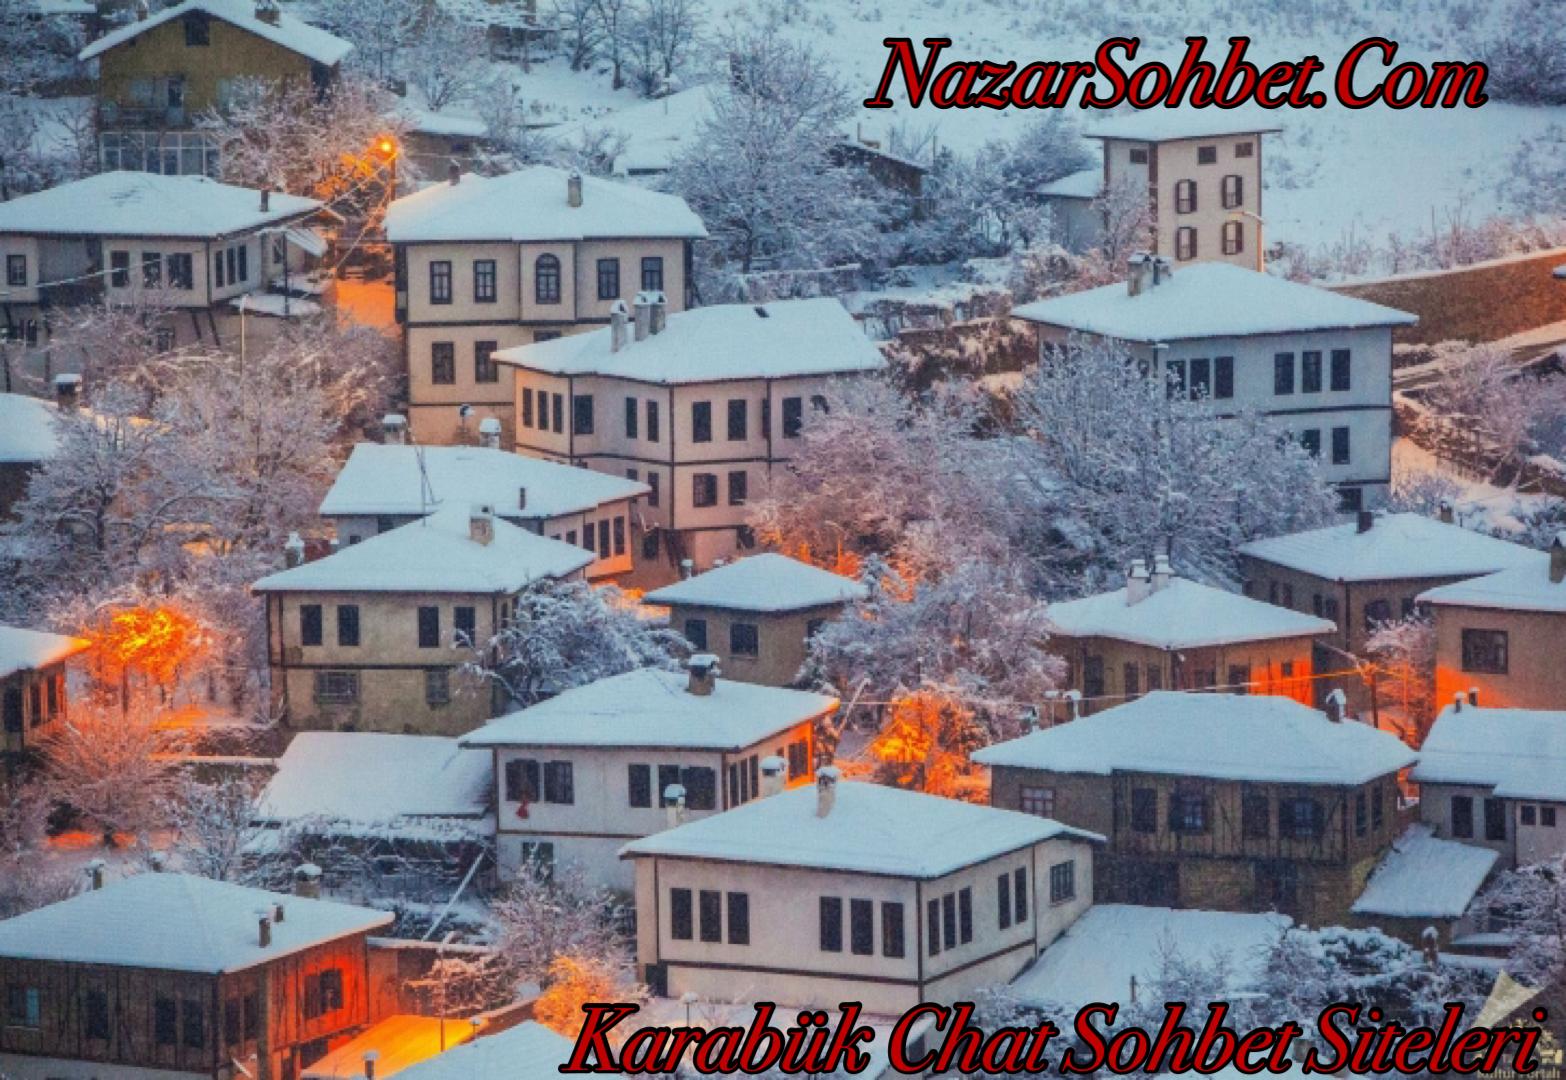 Karabük Chat Sohbet Siteleri